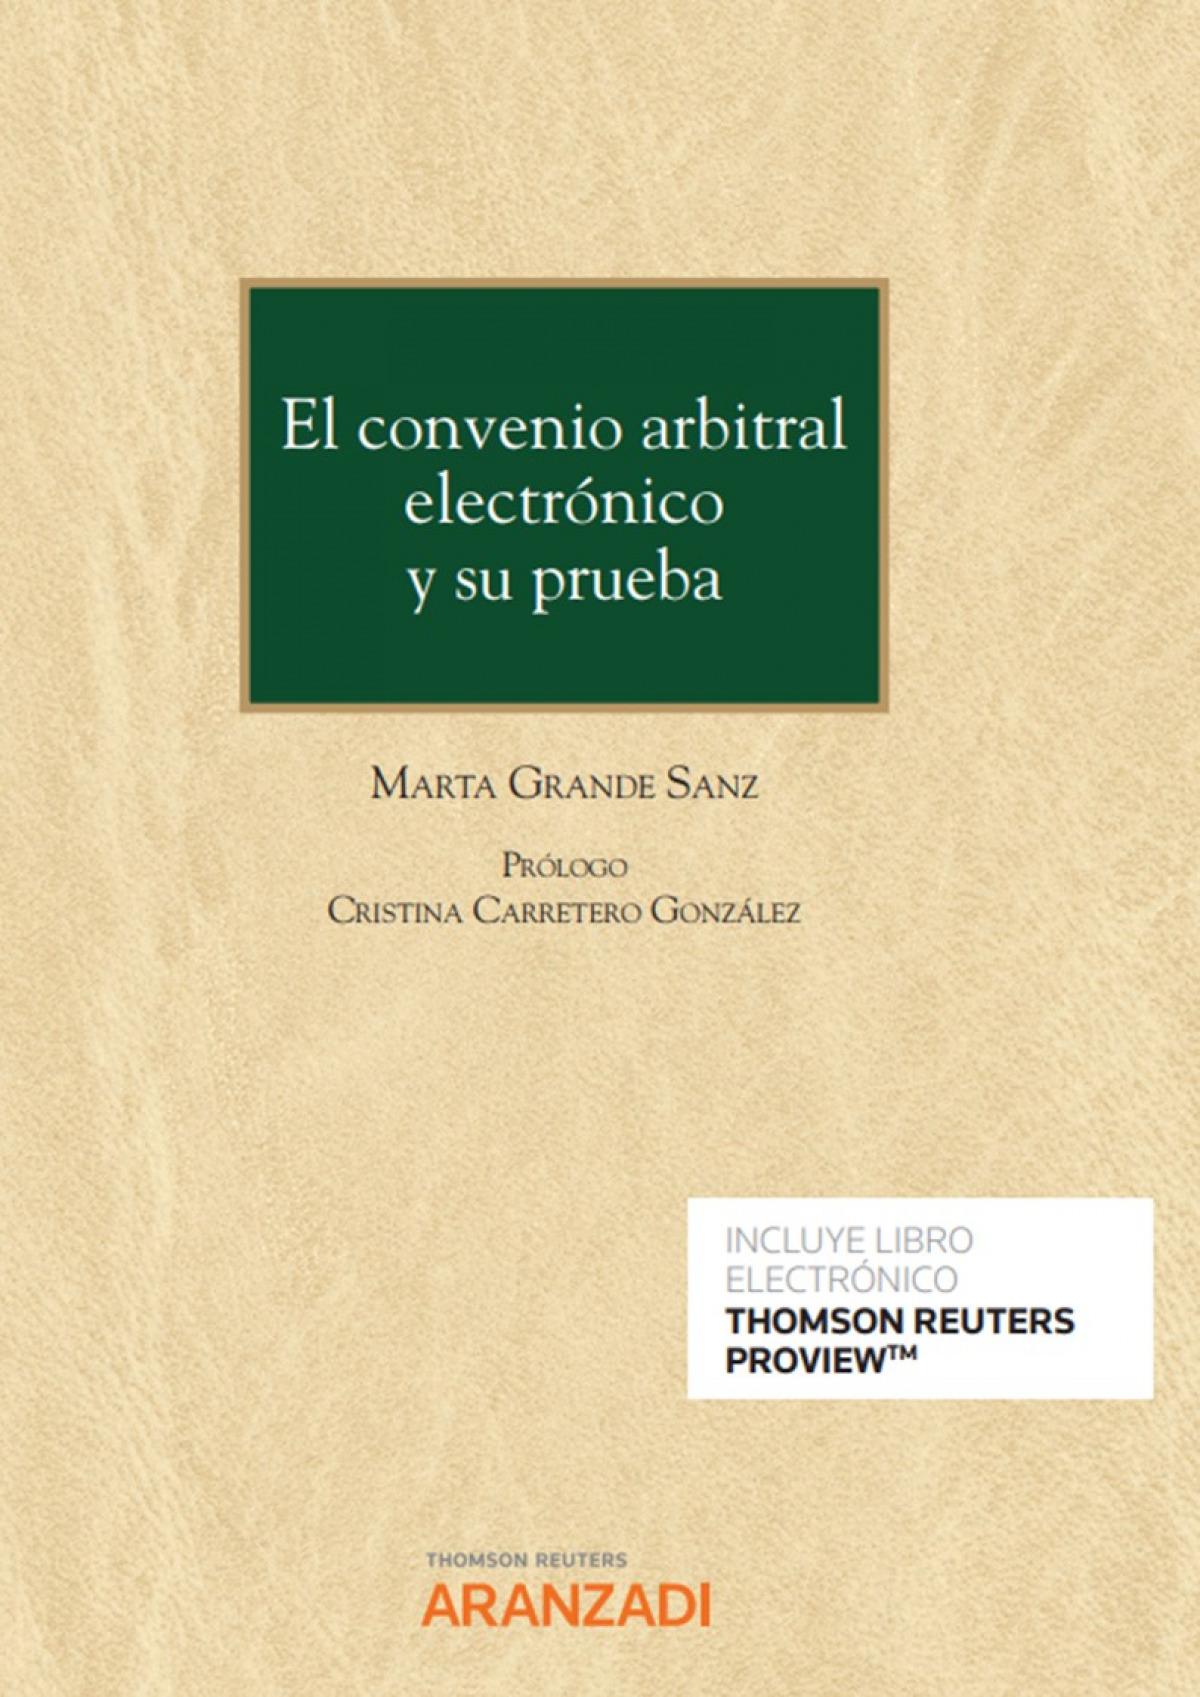 El convenio arbitral electrónico y su prueba